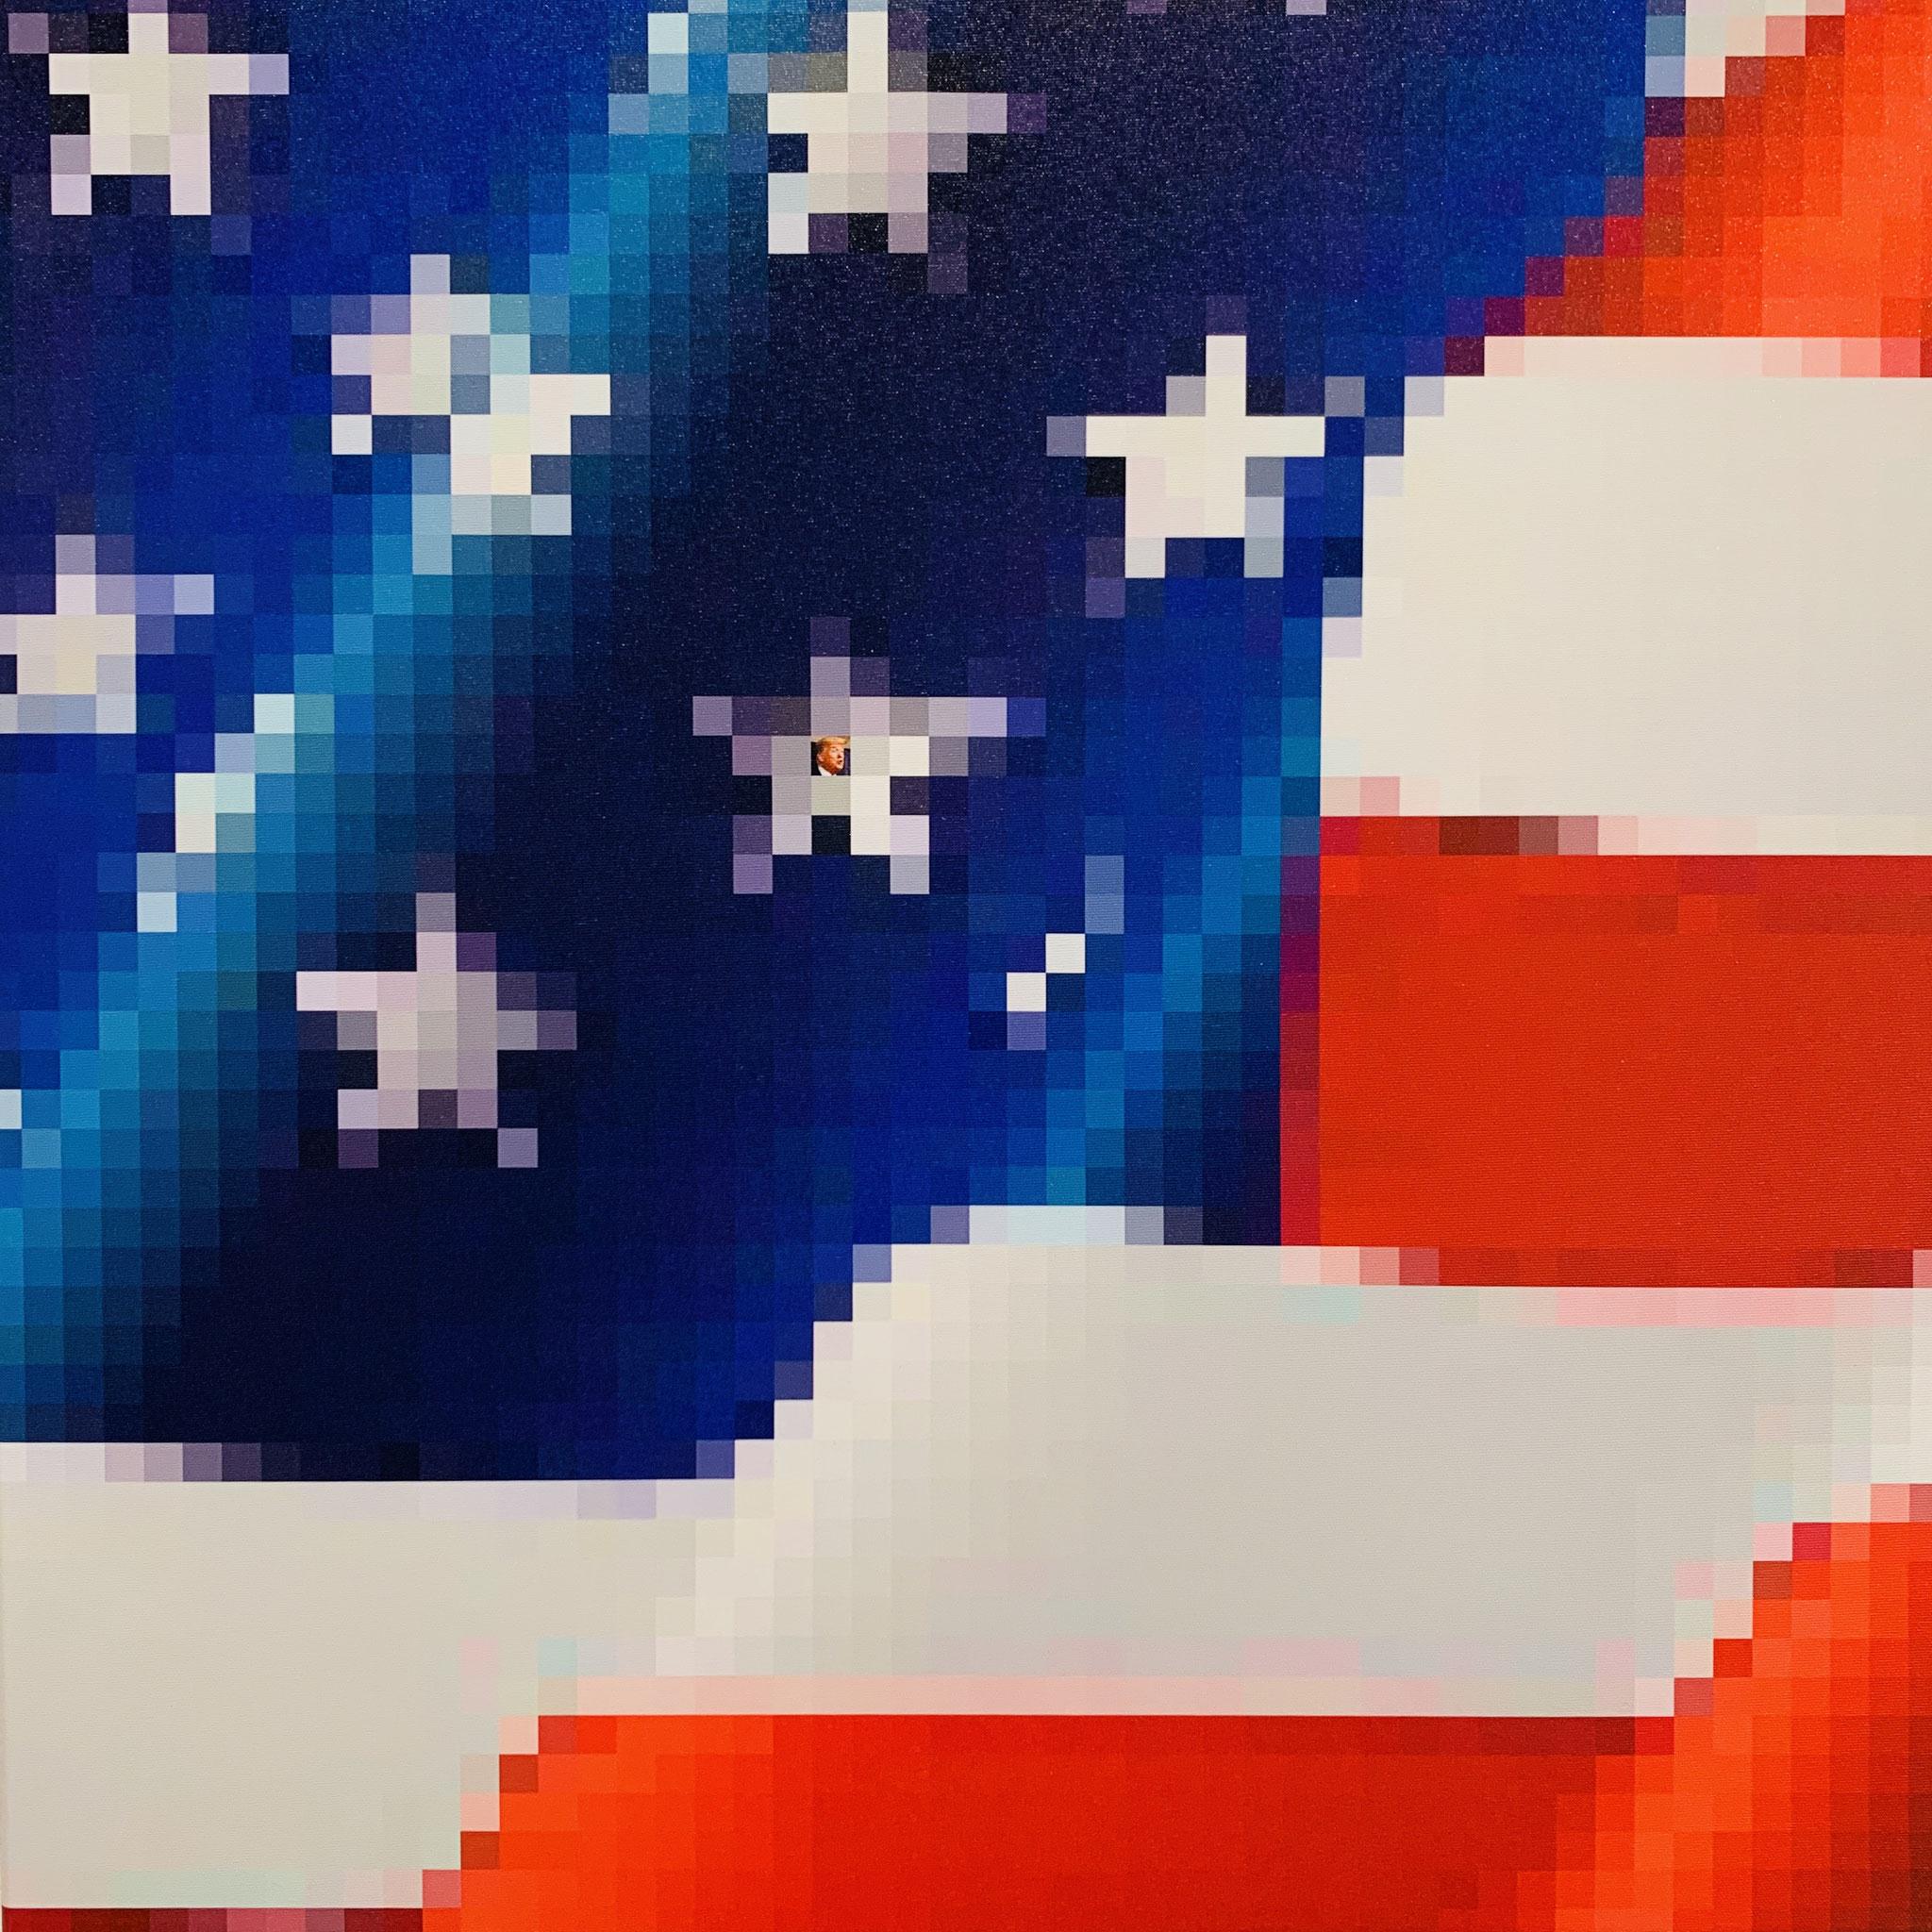 21. Klaus Ritt, Make Amerika great again, Digitaldruck auf Leinwand, 600 x 600, 2020, Preis auf Anfrage